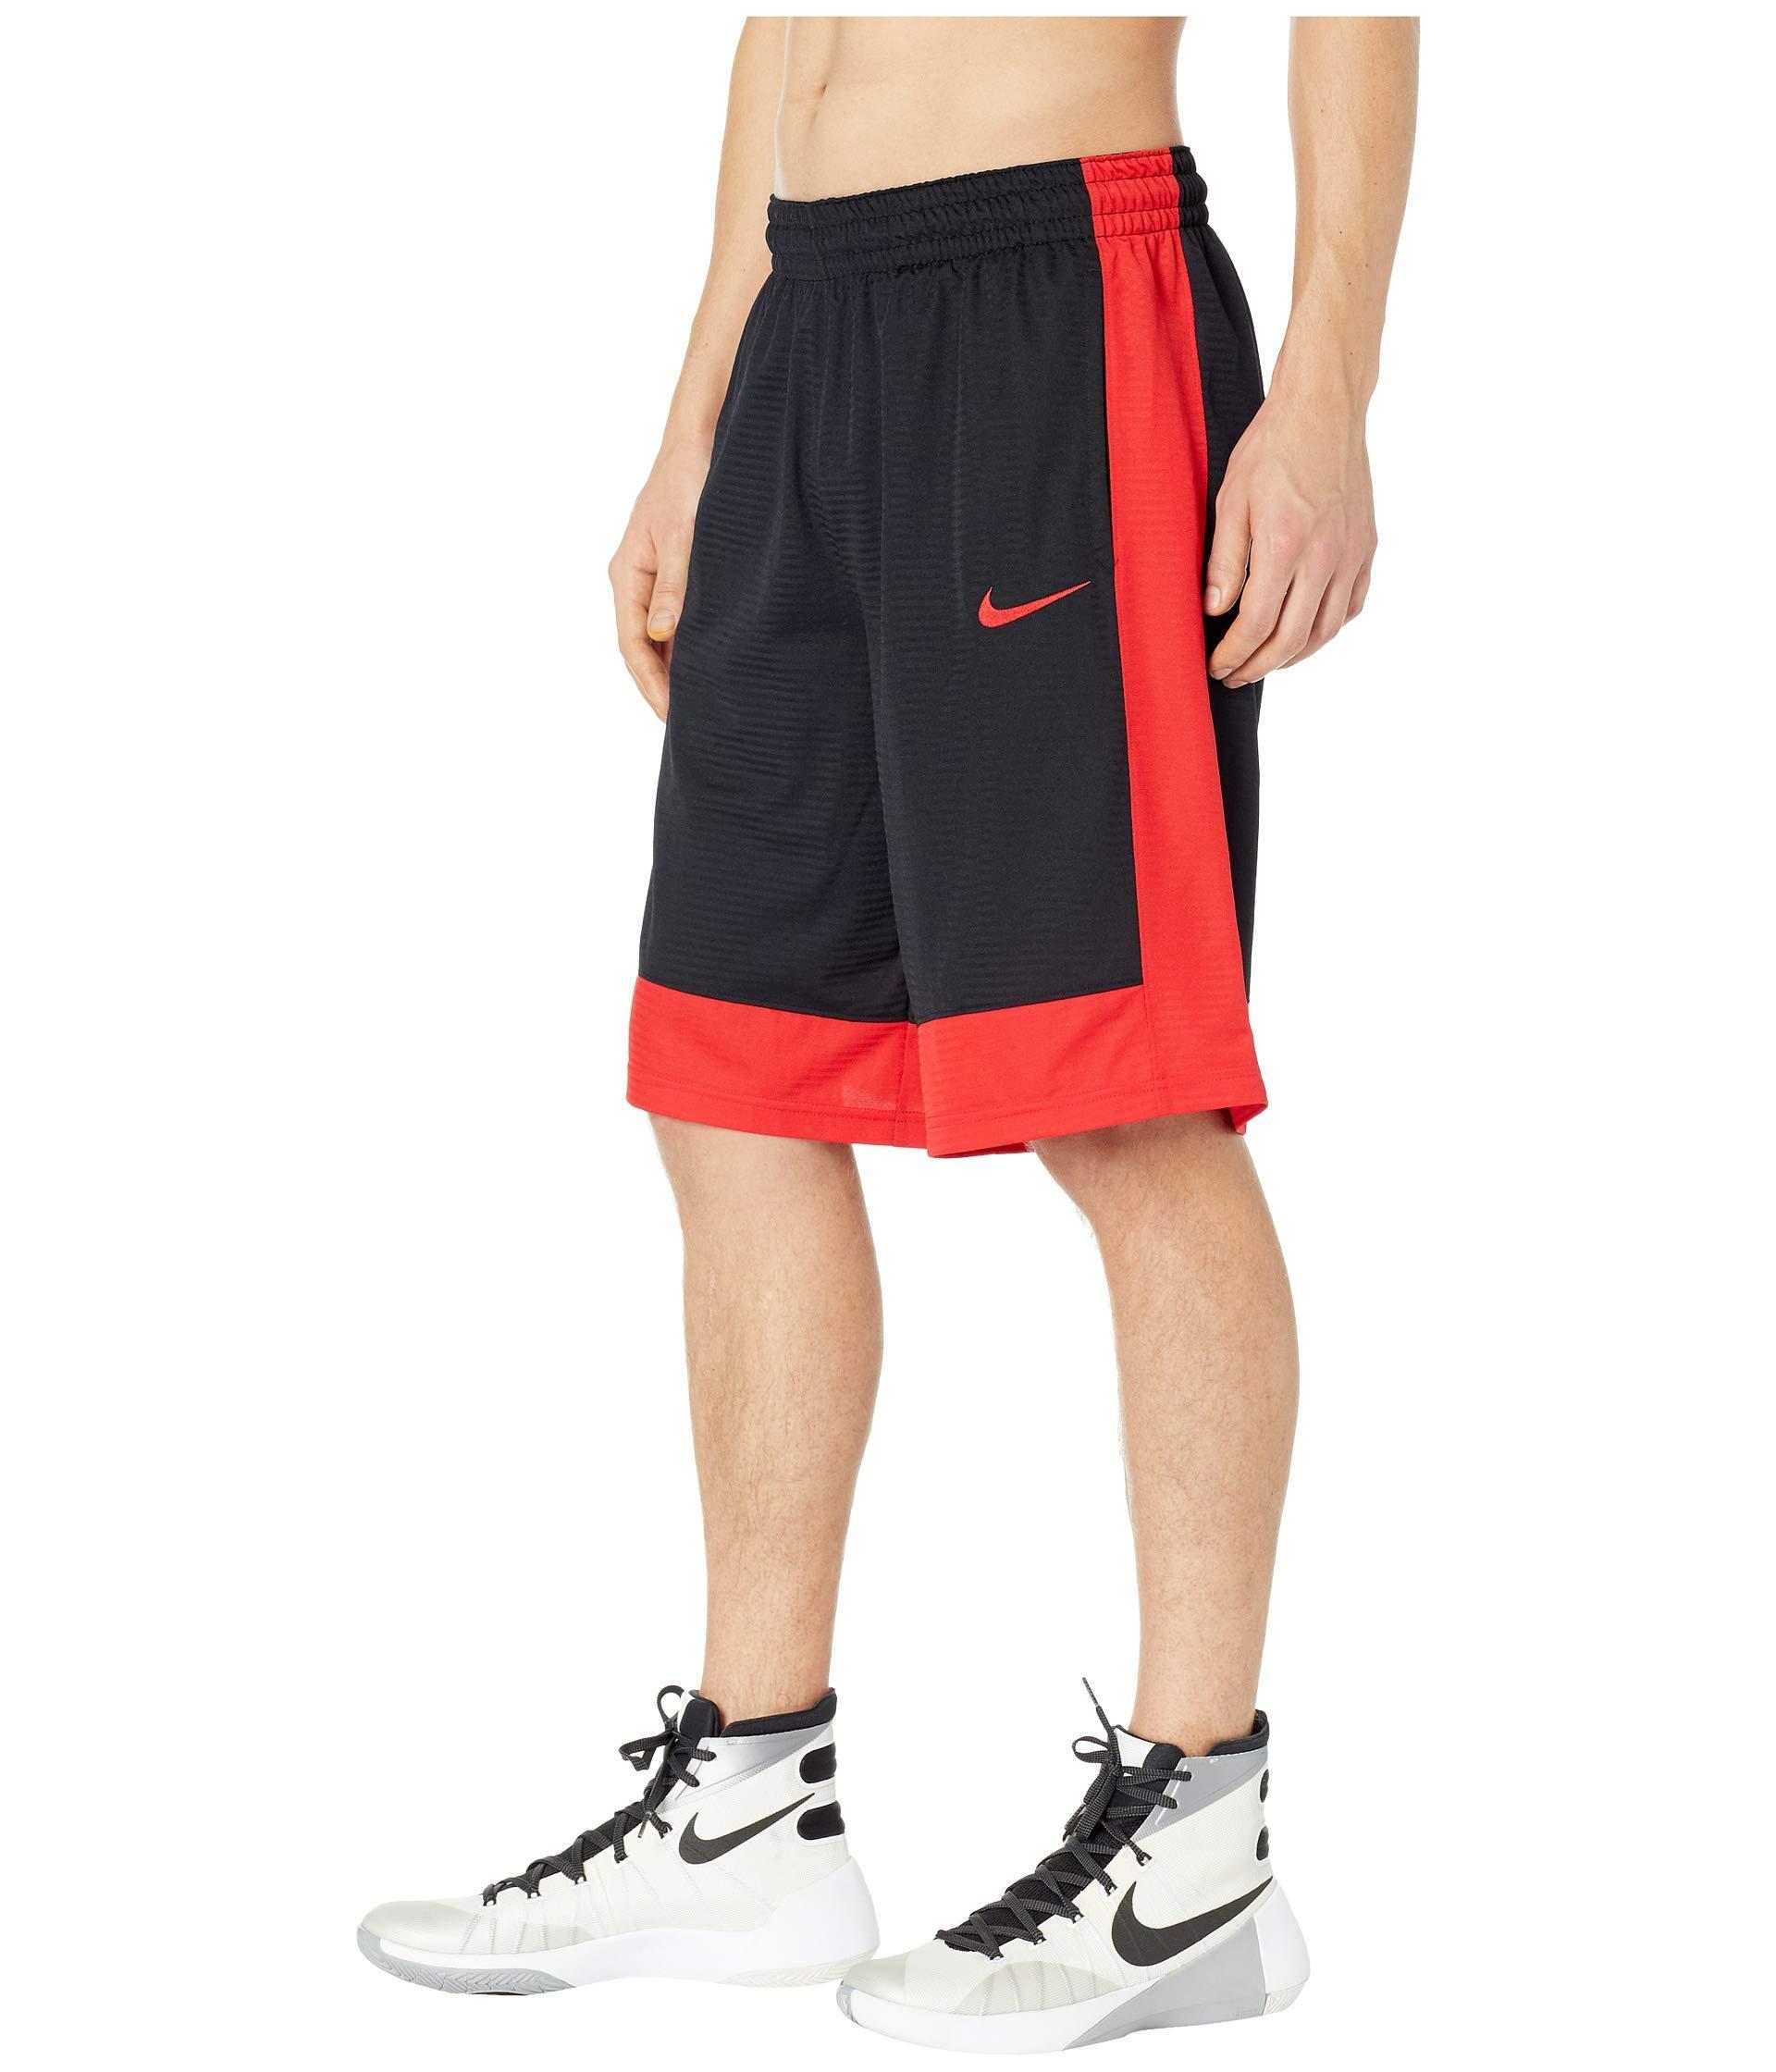 c48b9f5d834f Lyst - Nike Fastbreak Basketball Short (black university Red) Men s Shorts  in Black for Men